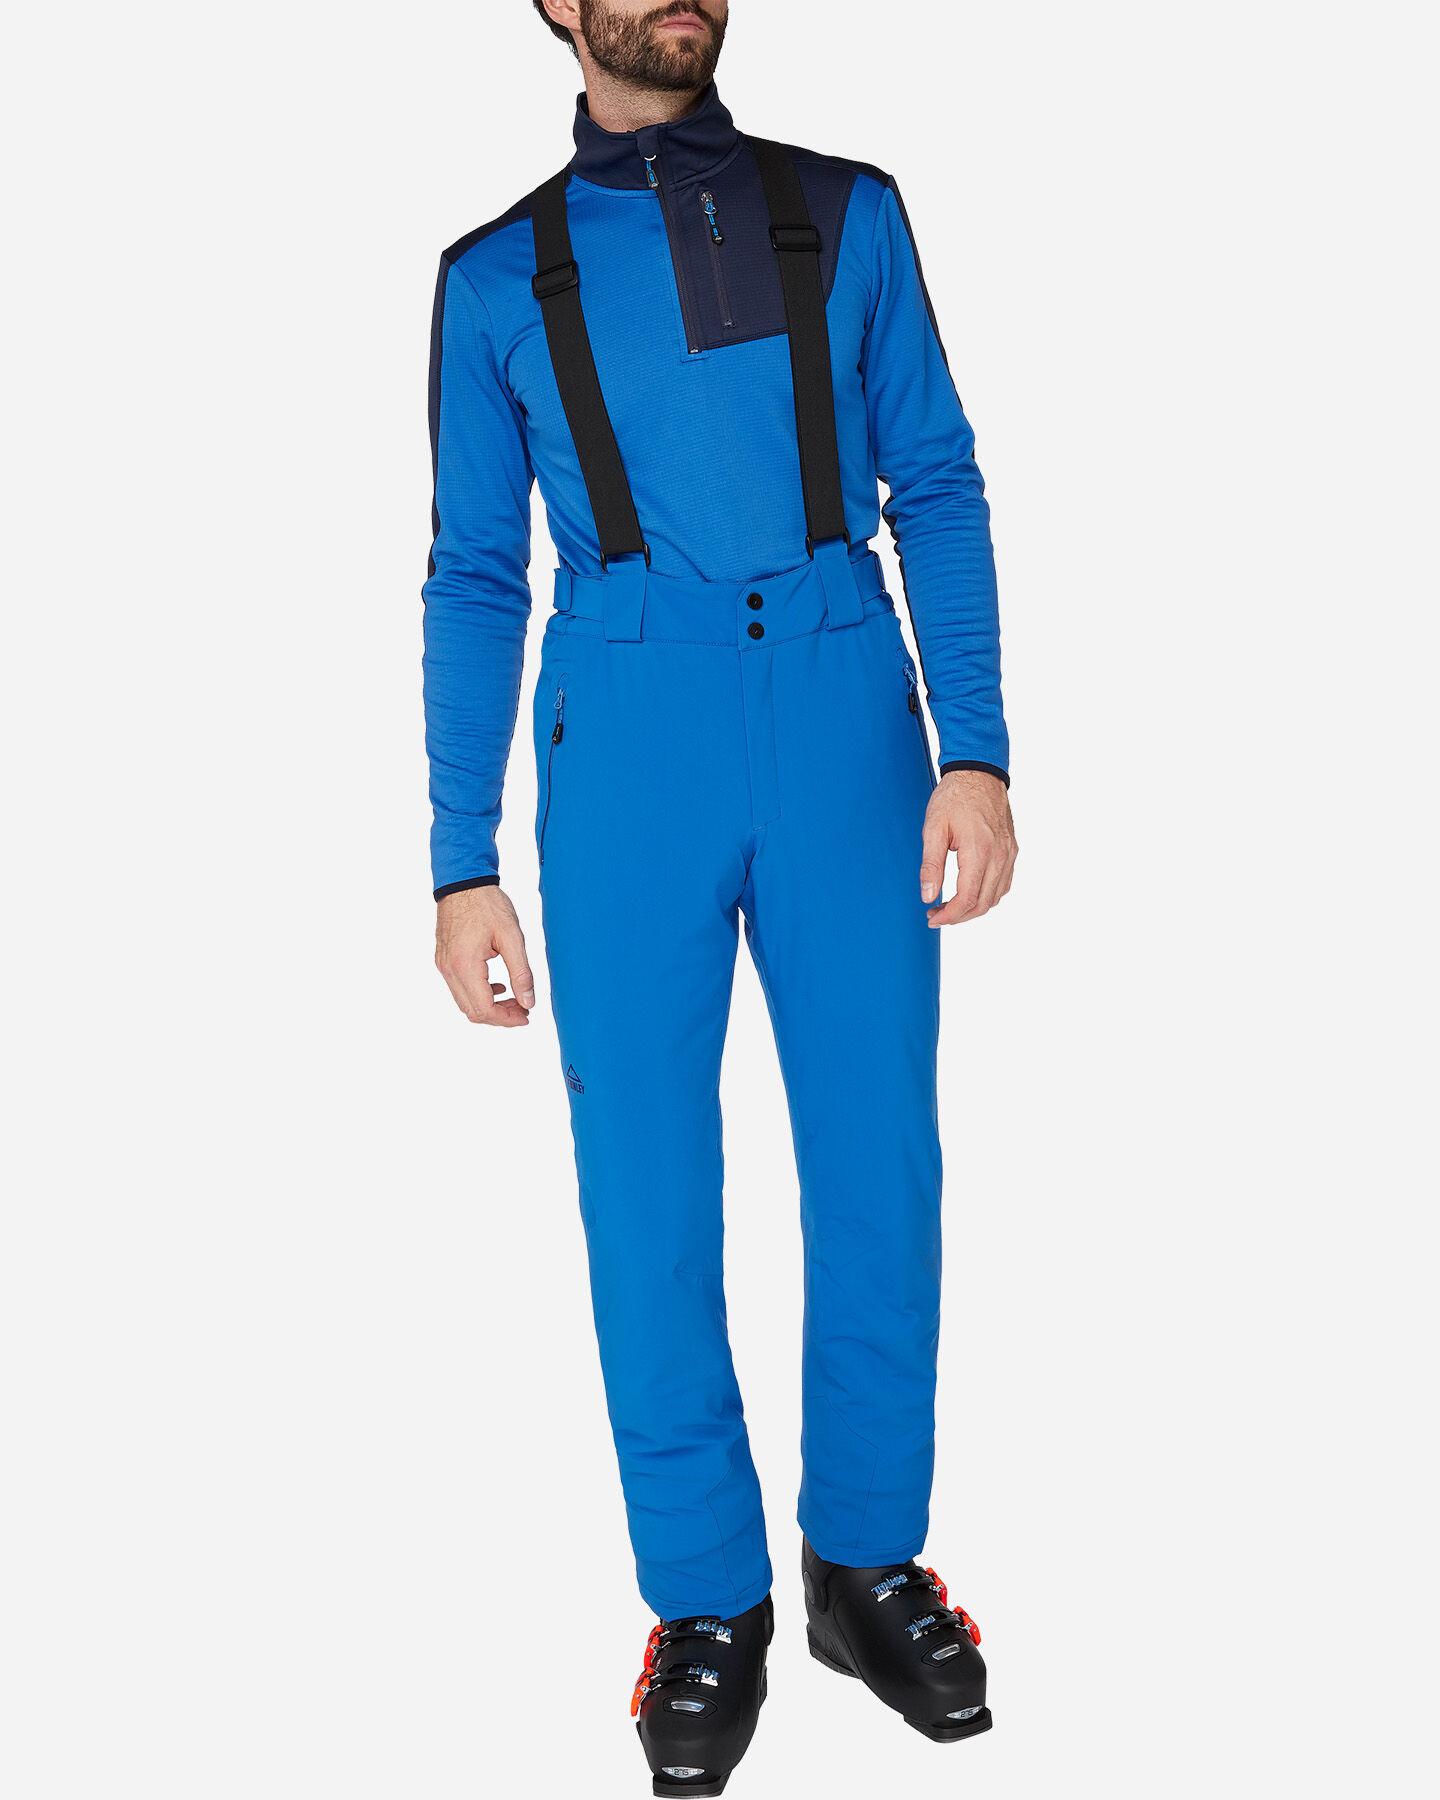 Pantalone sci MCKINLEY DAVE M S5064198 scatto 1